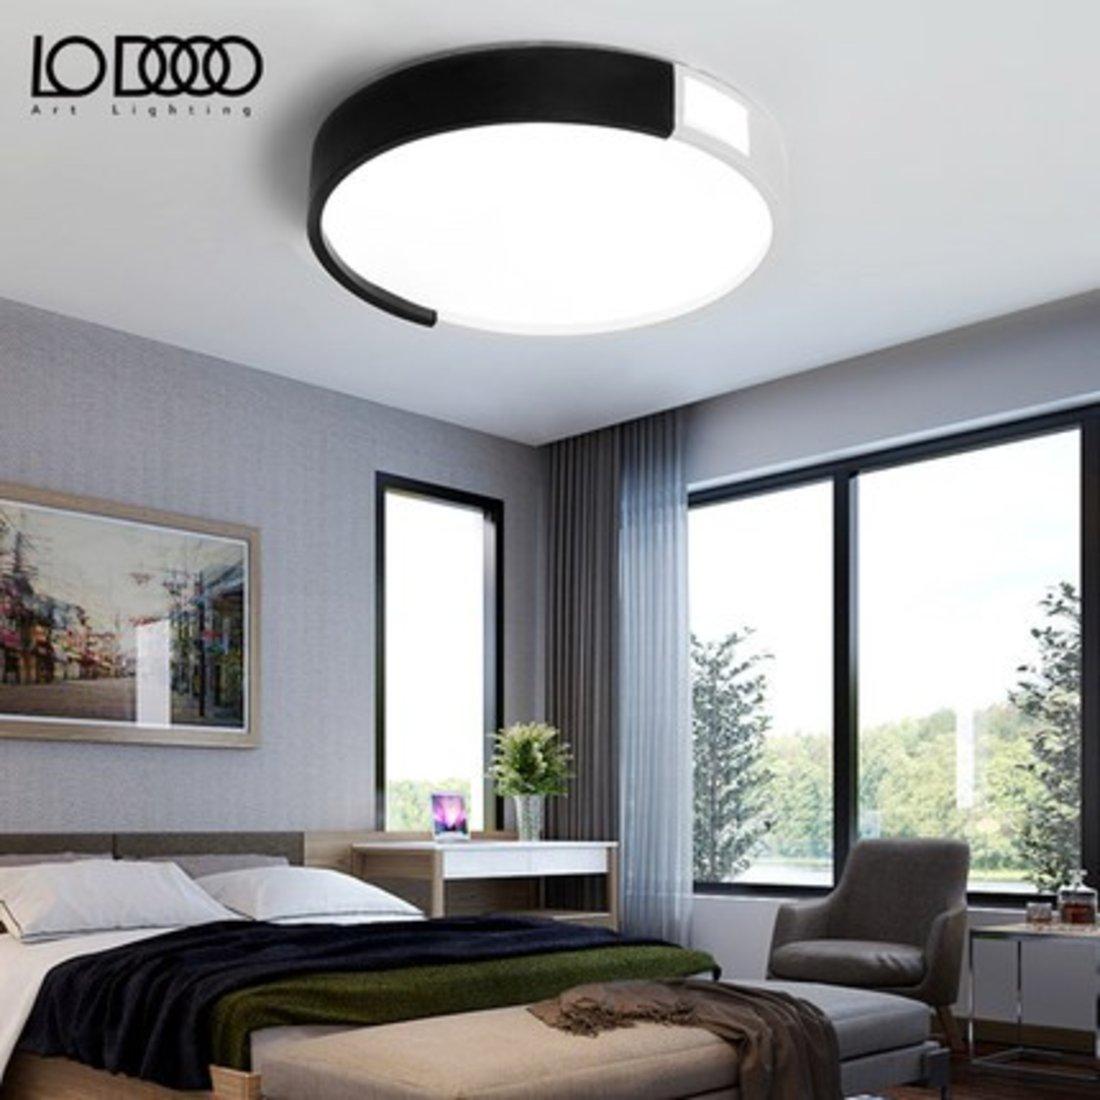 「led圆形吸顶灯」北欧现代创意个性大气灯具